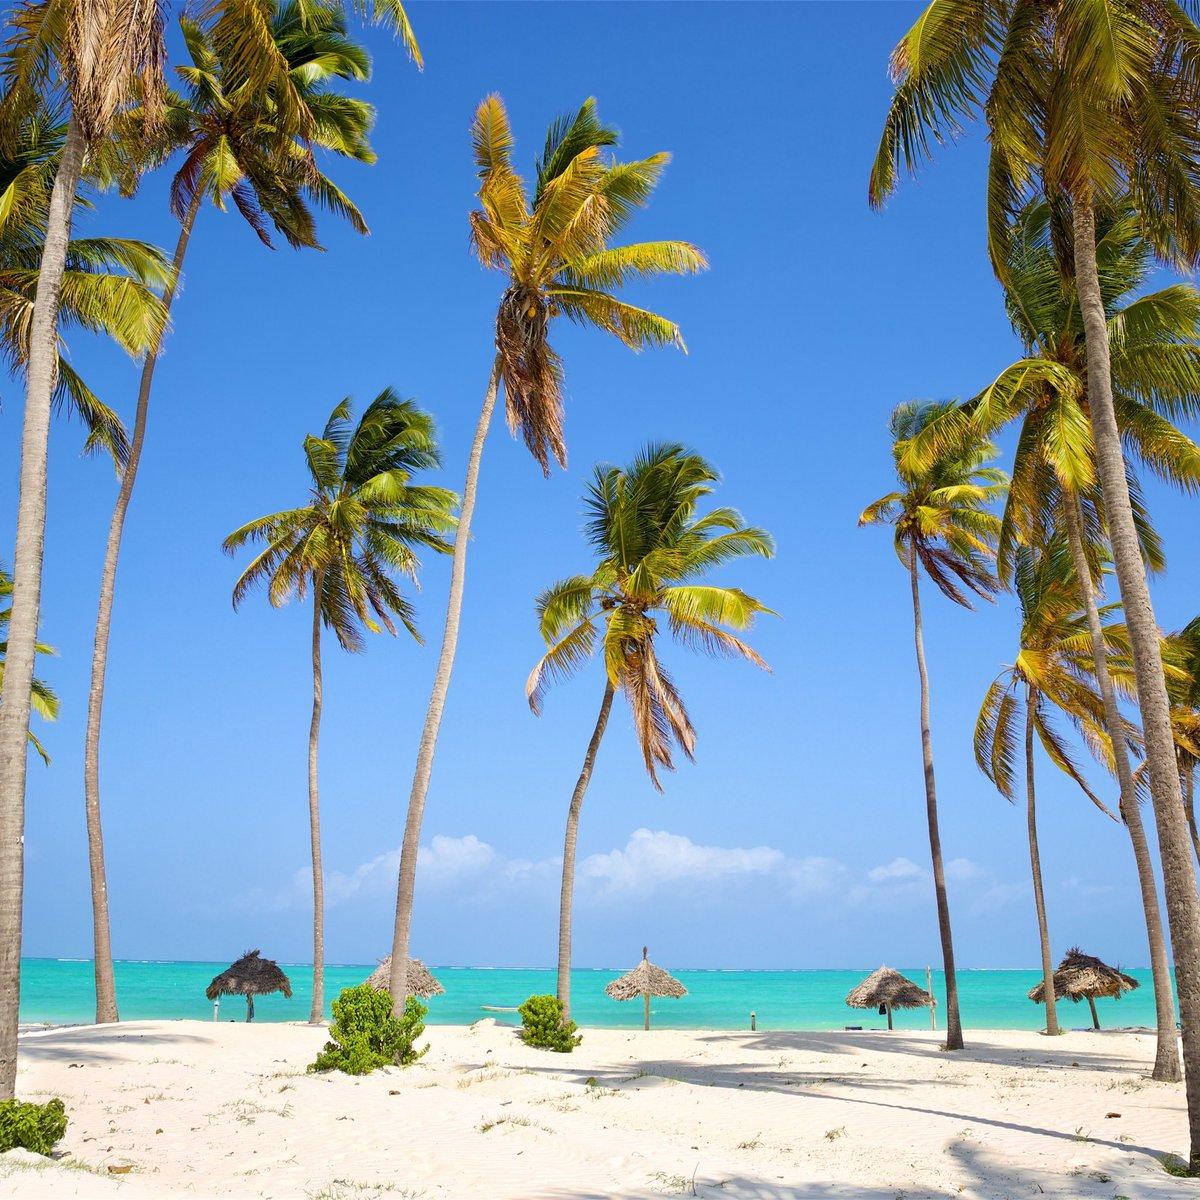 Everpix On Twitter Relaxing On The Beach New Summer Wallpaper